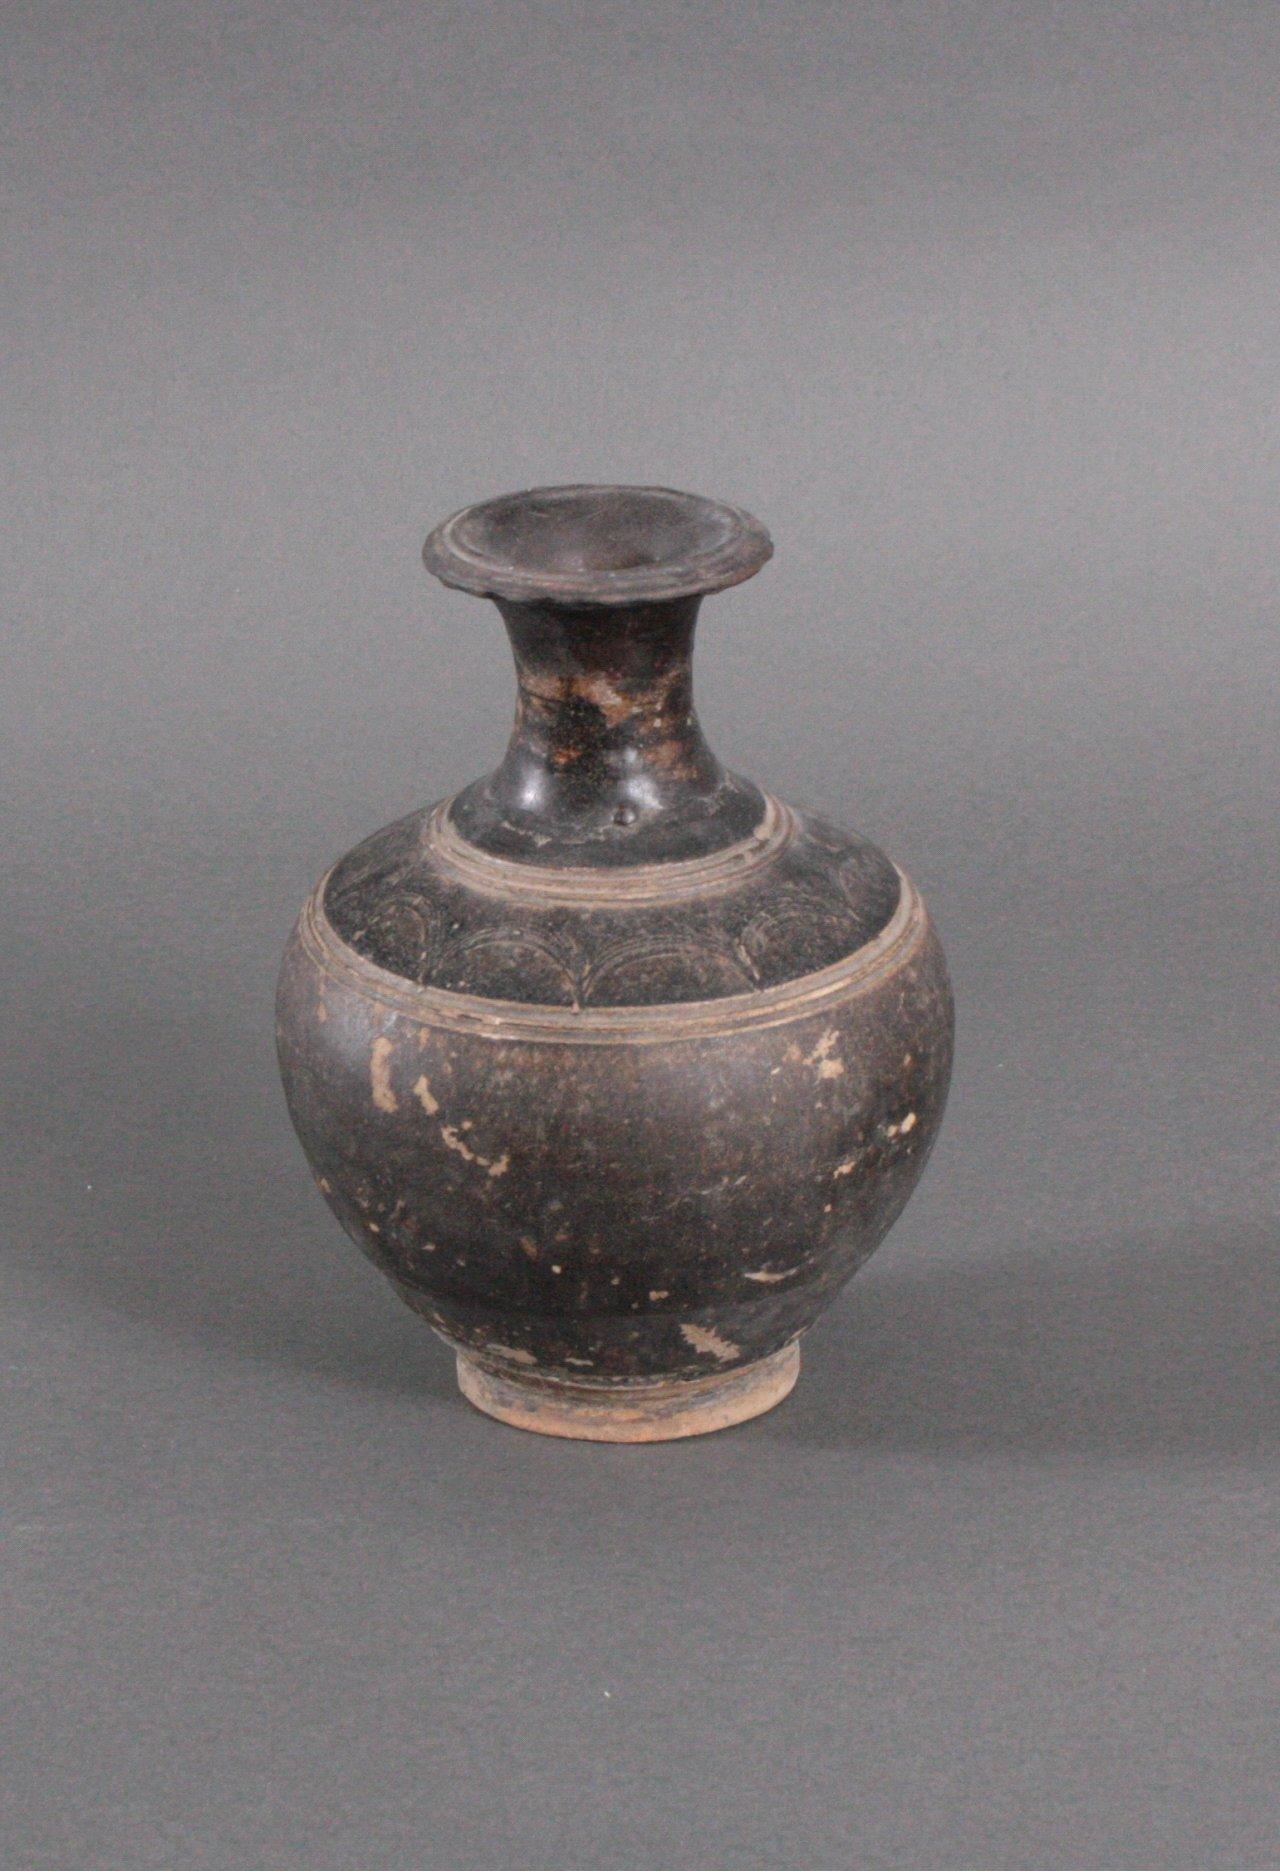 Balustervase, Angkor-Periode 12./13. Jh.